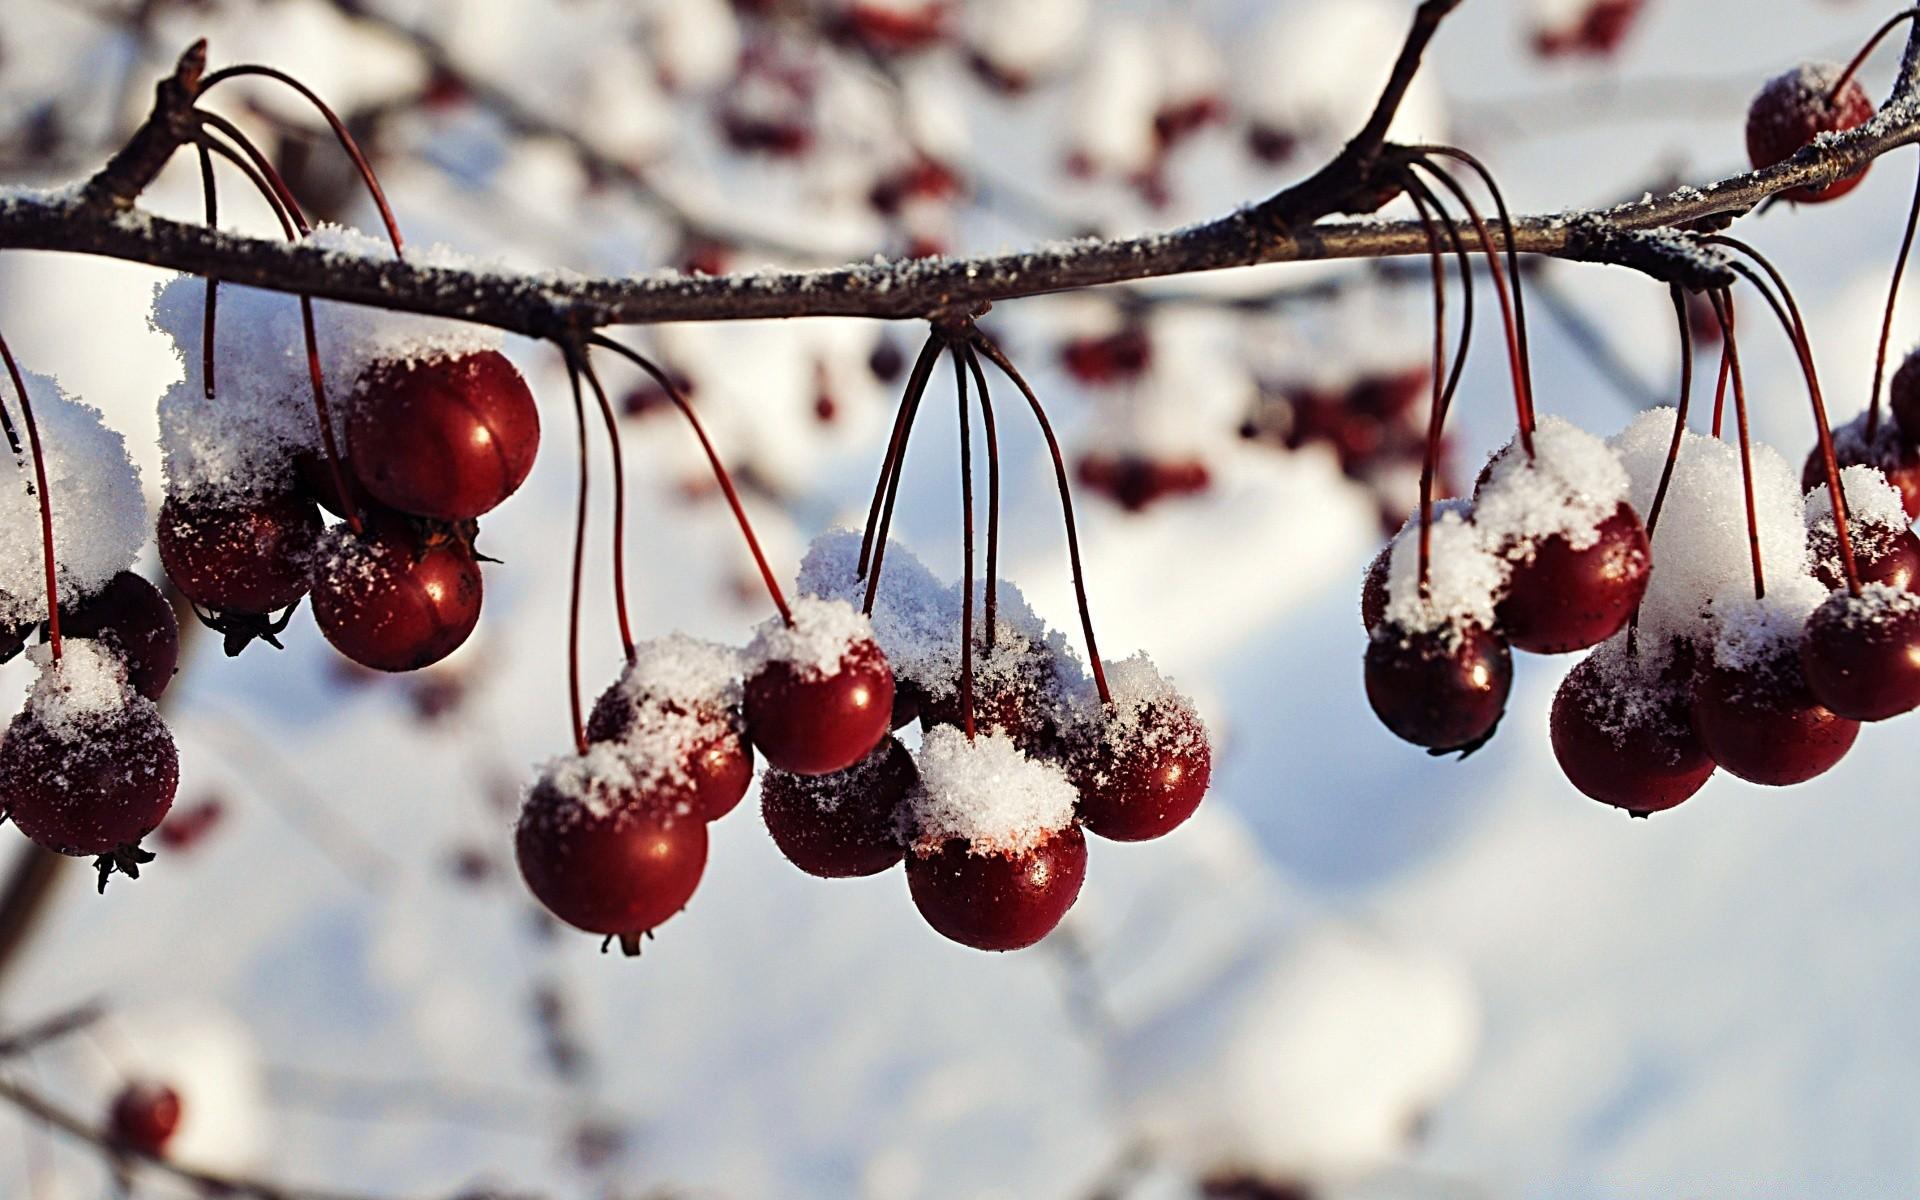 Frozen Red Berries, Winter - Phone